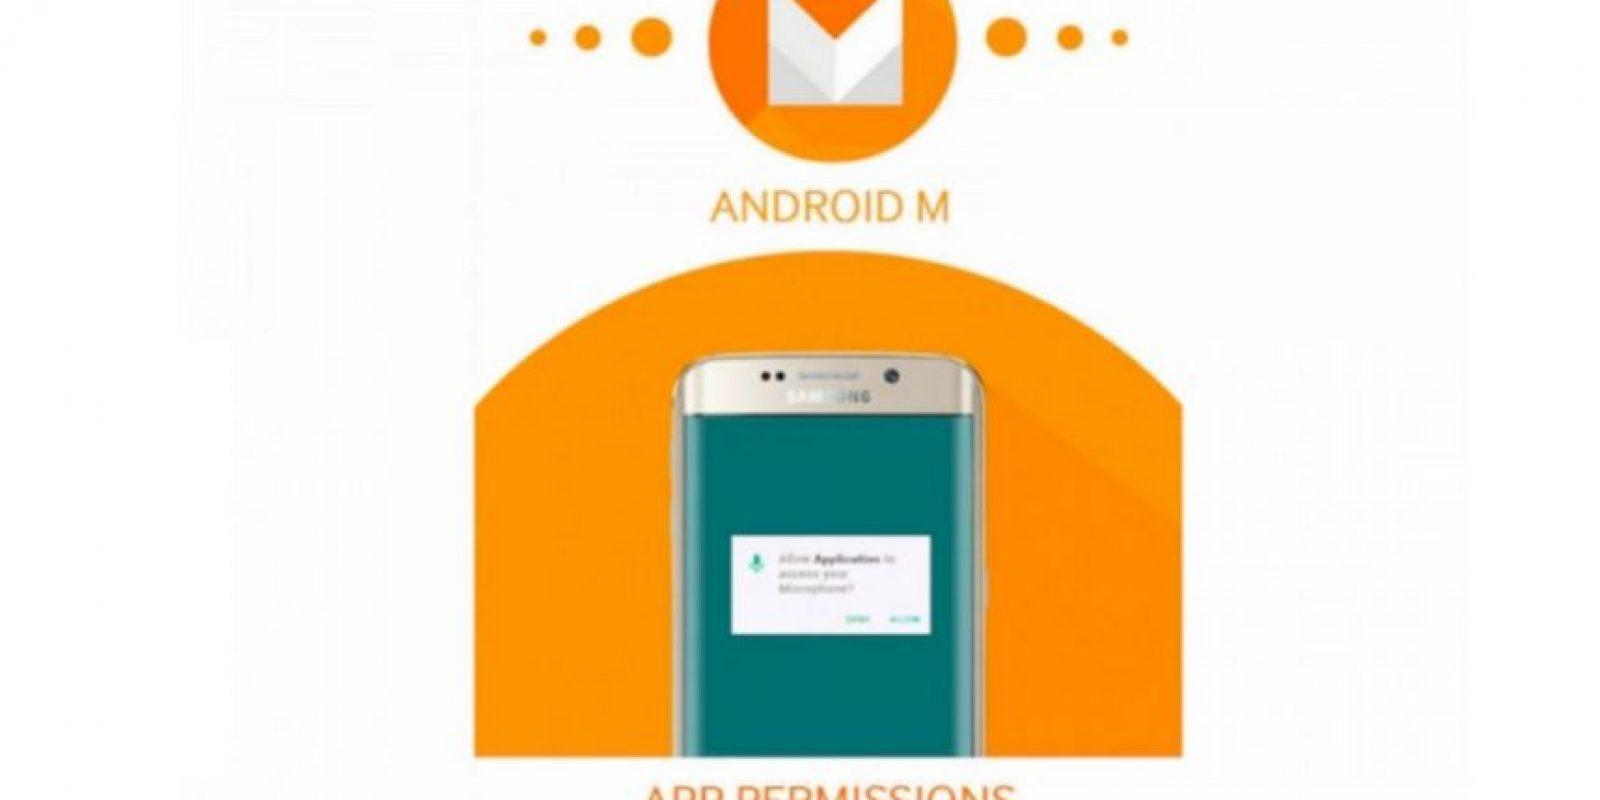 El nuevo sistema operativo que sustituirá al polémico Lollipop. Animaciones nuevas, notificaciones precisas y personalizables, mayor integración con Apps variadas, vinculación con páginas web, buen sistema de ahorro de energía es lo que contiene este el nuevo OS para móviles de Google Foto:Google